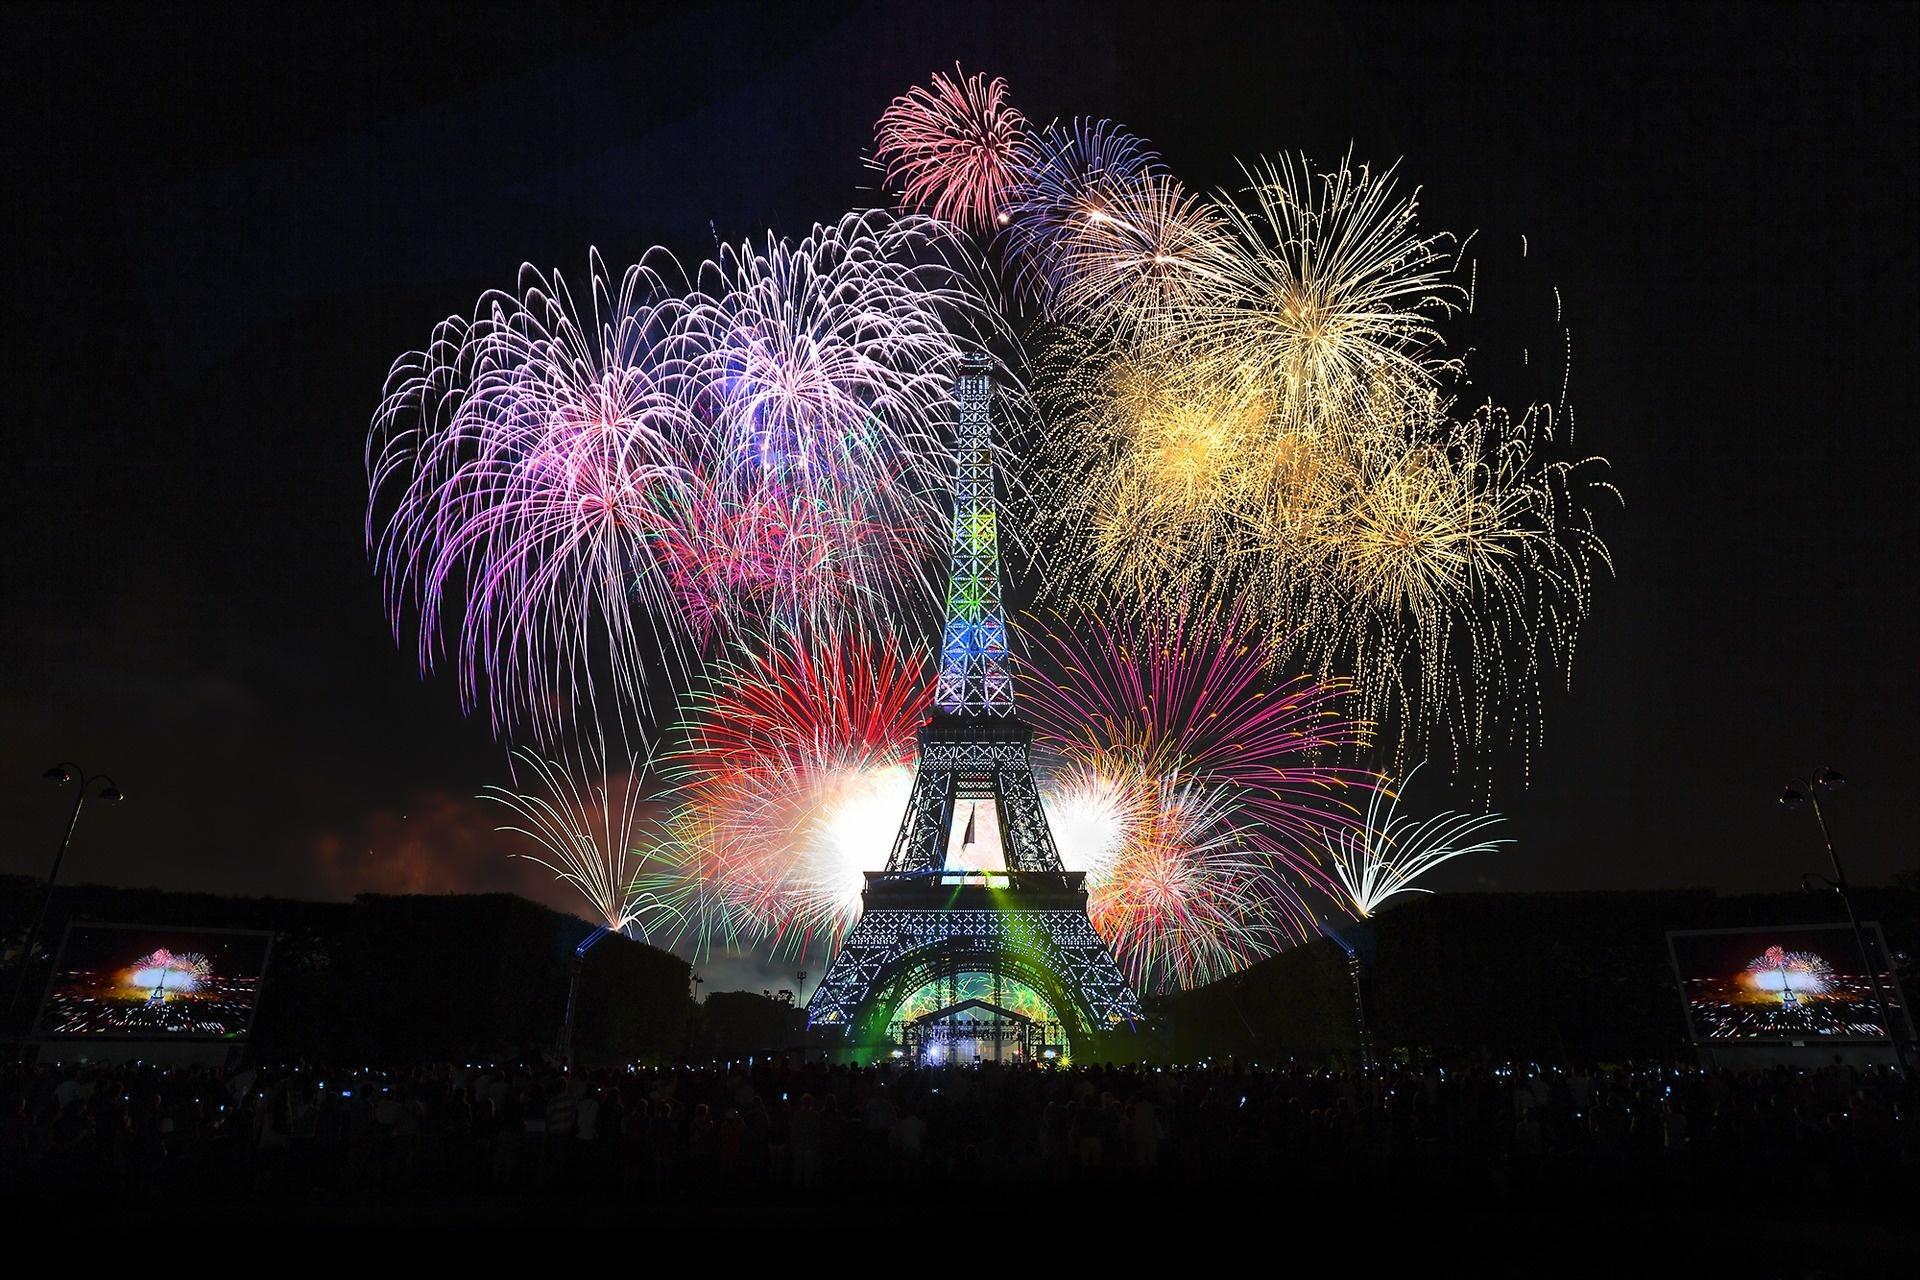 eiffel tower paris holiday fireworks wallpaper 1920x1280 147018 wallpaperup